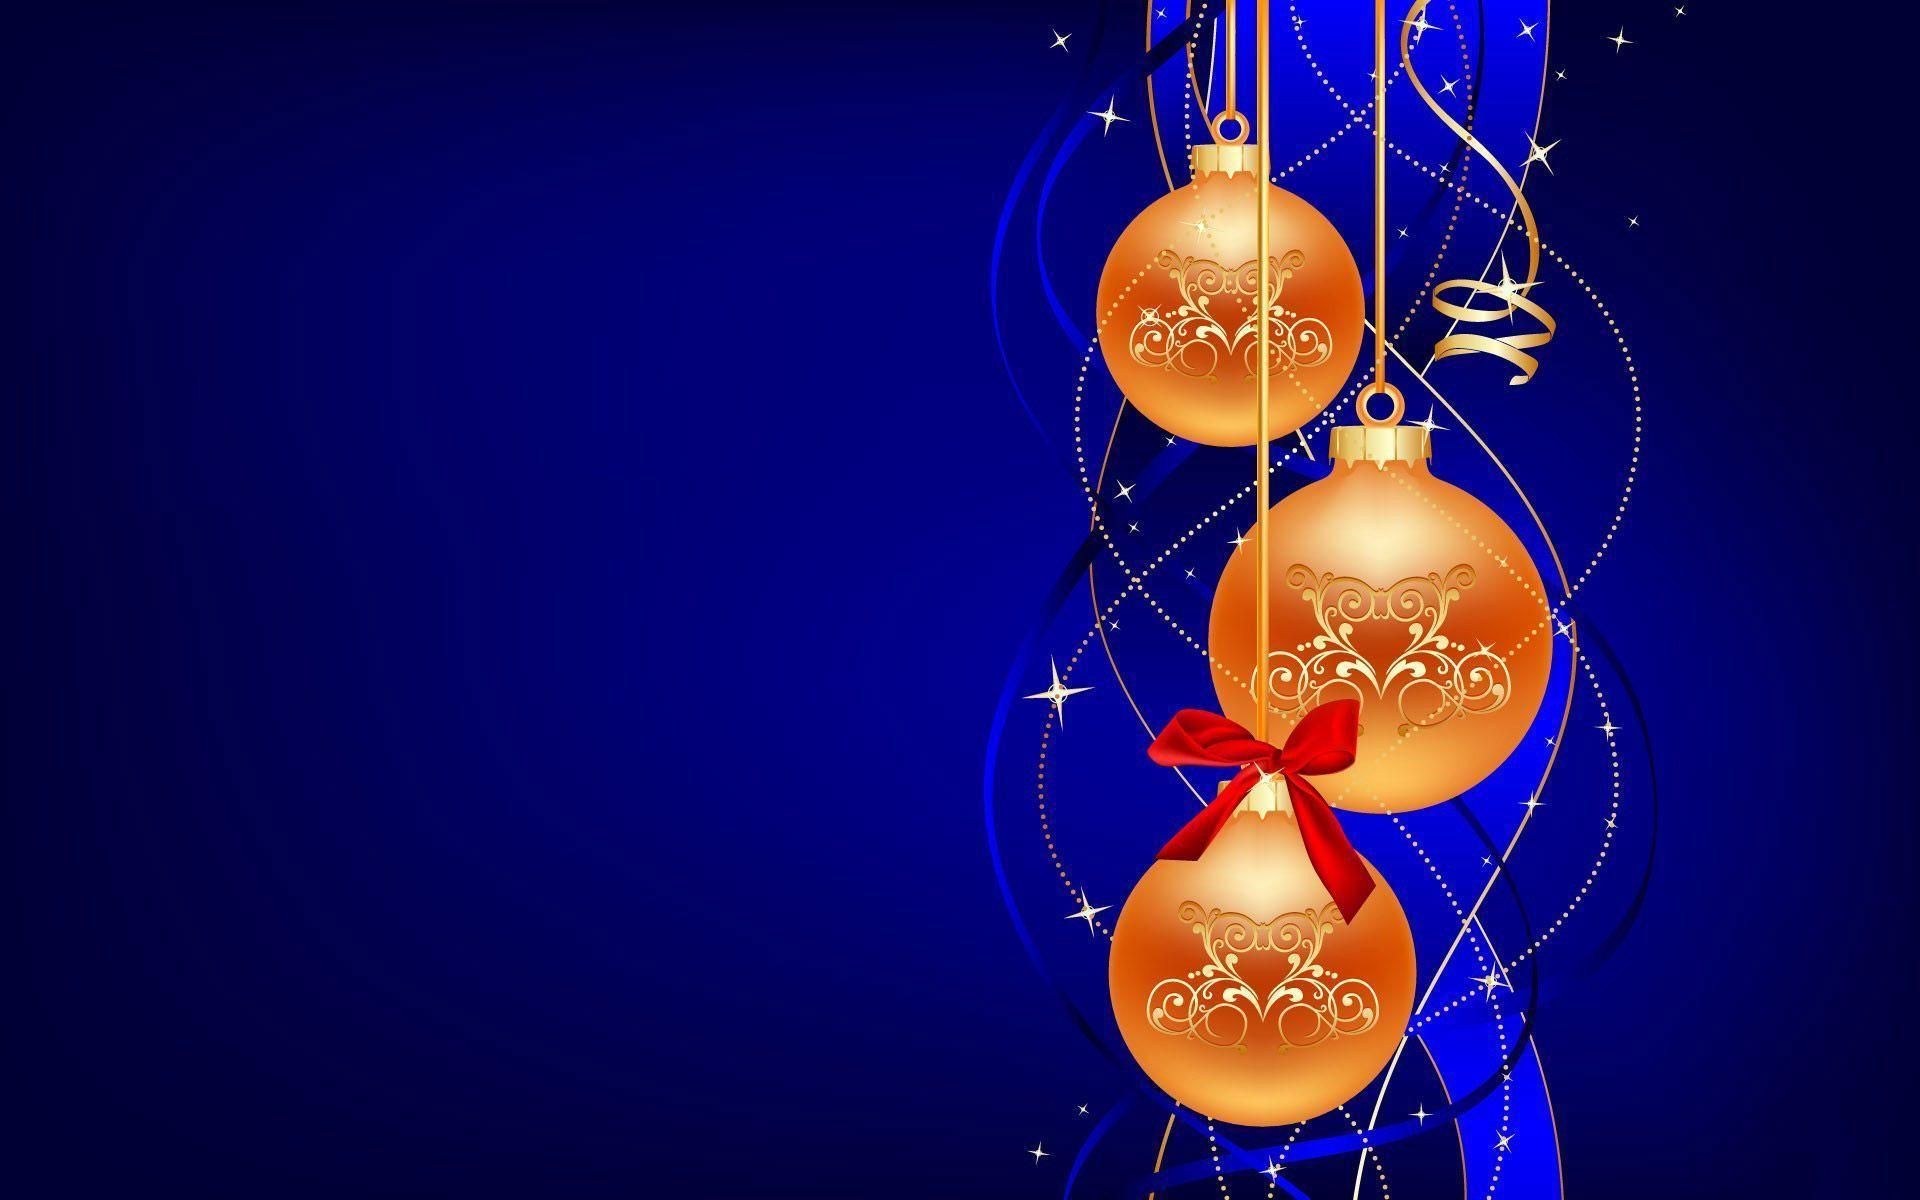 Merry Christmas Desktop BackgroundsAik Friends Family